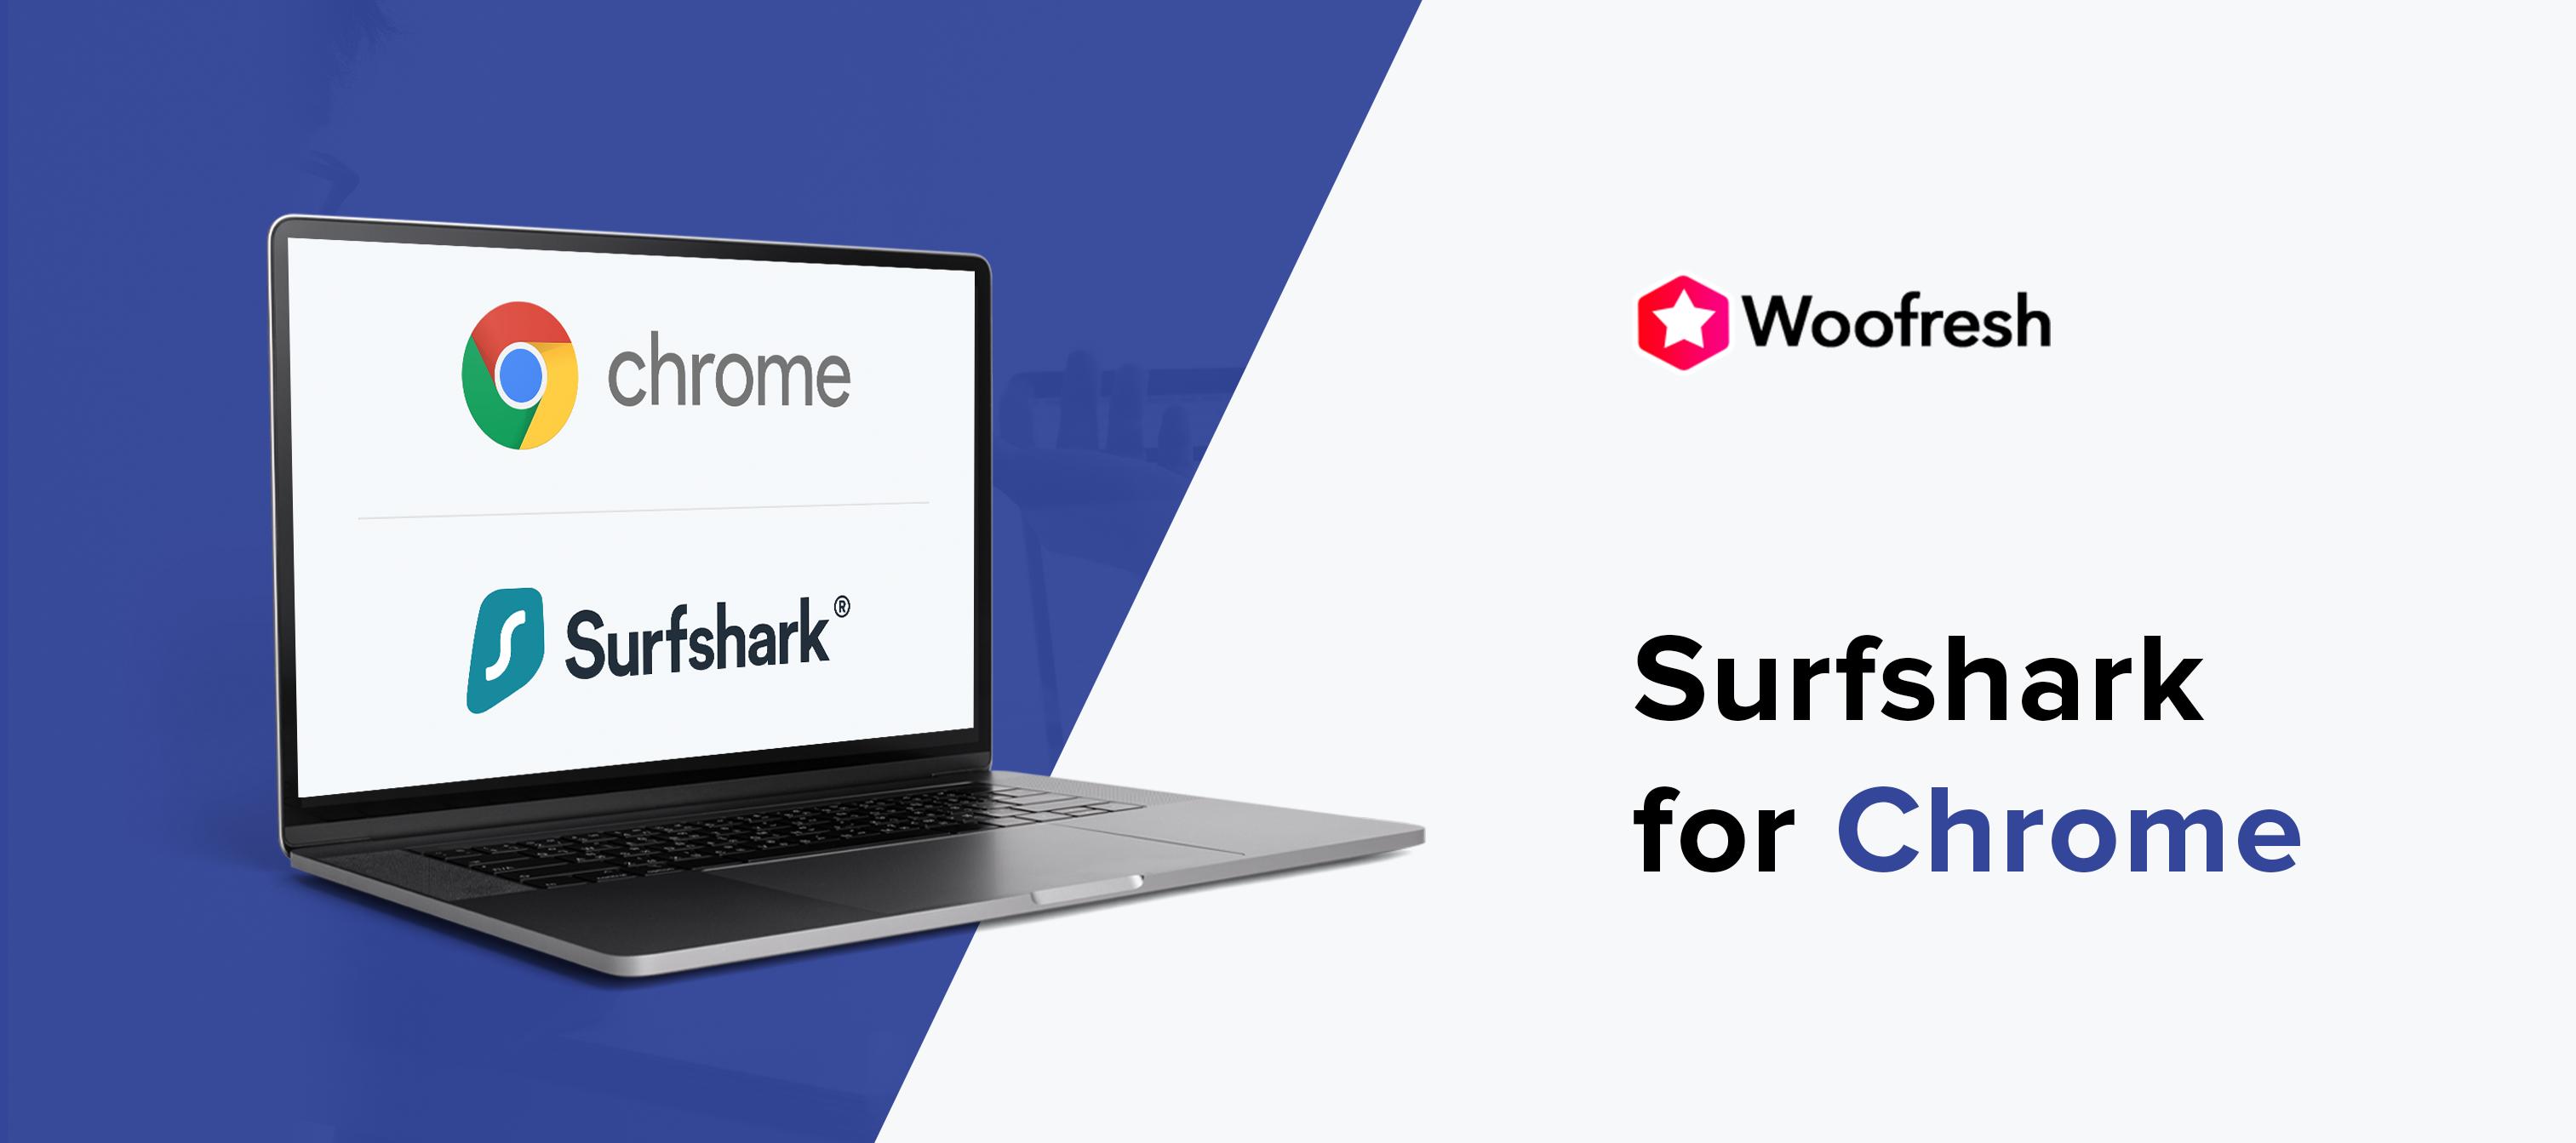 Surfshark for Chrome